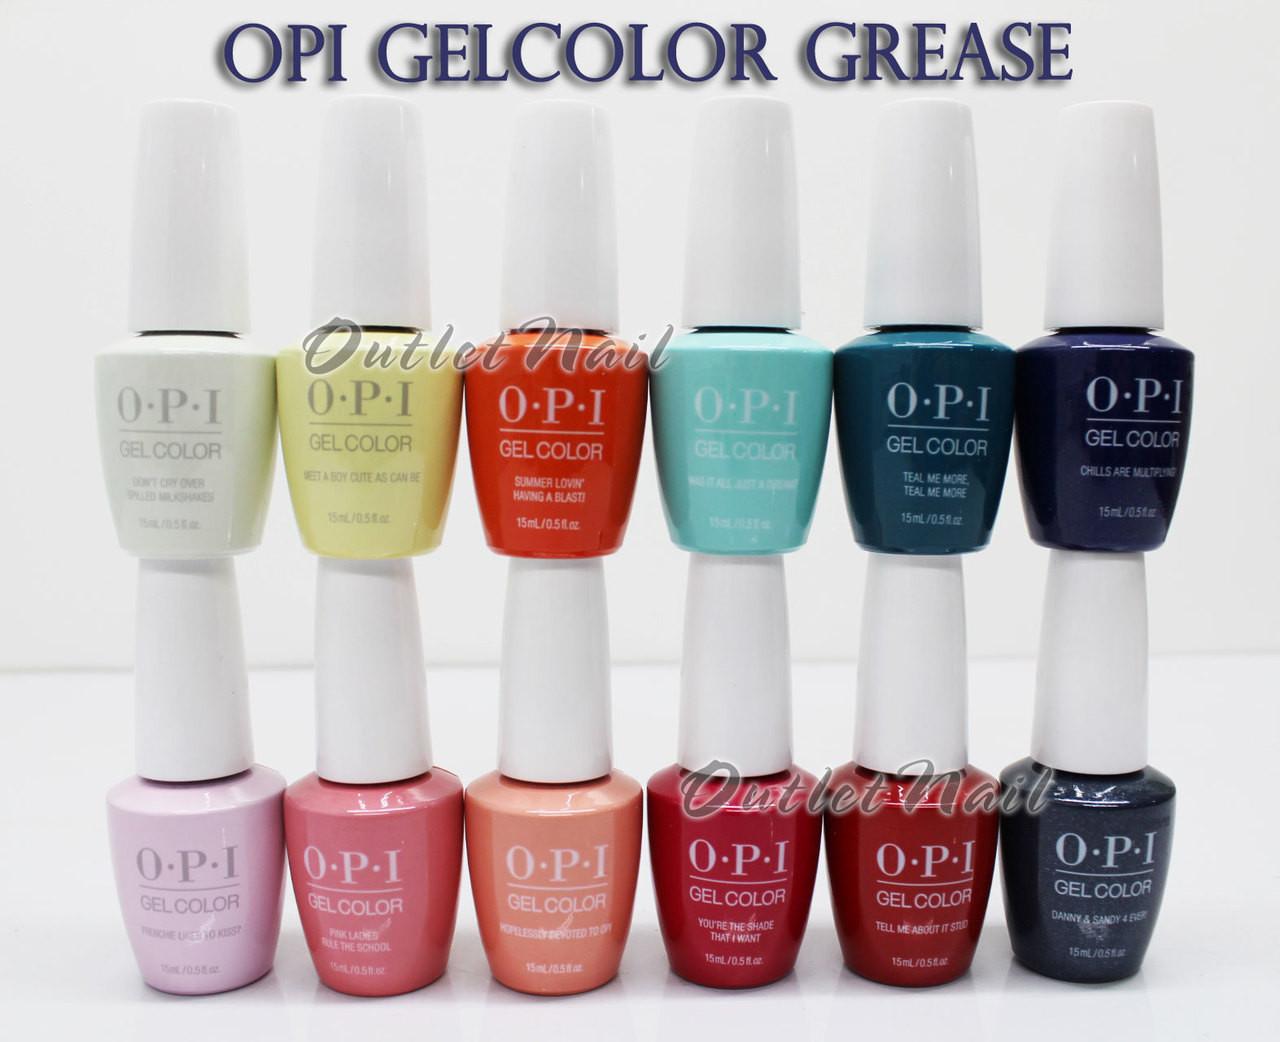 Opi Soak Off Gelcolor Grease Collection Kit Gel Polish Color Summer